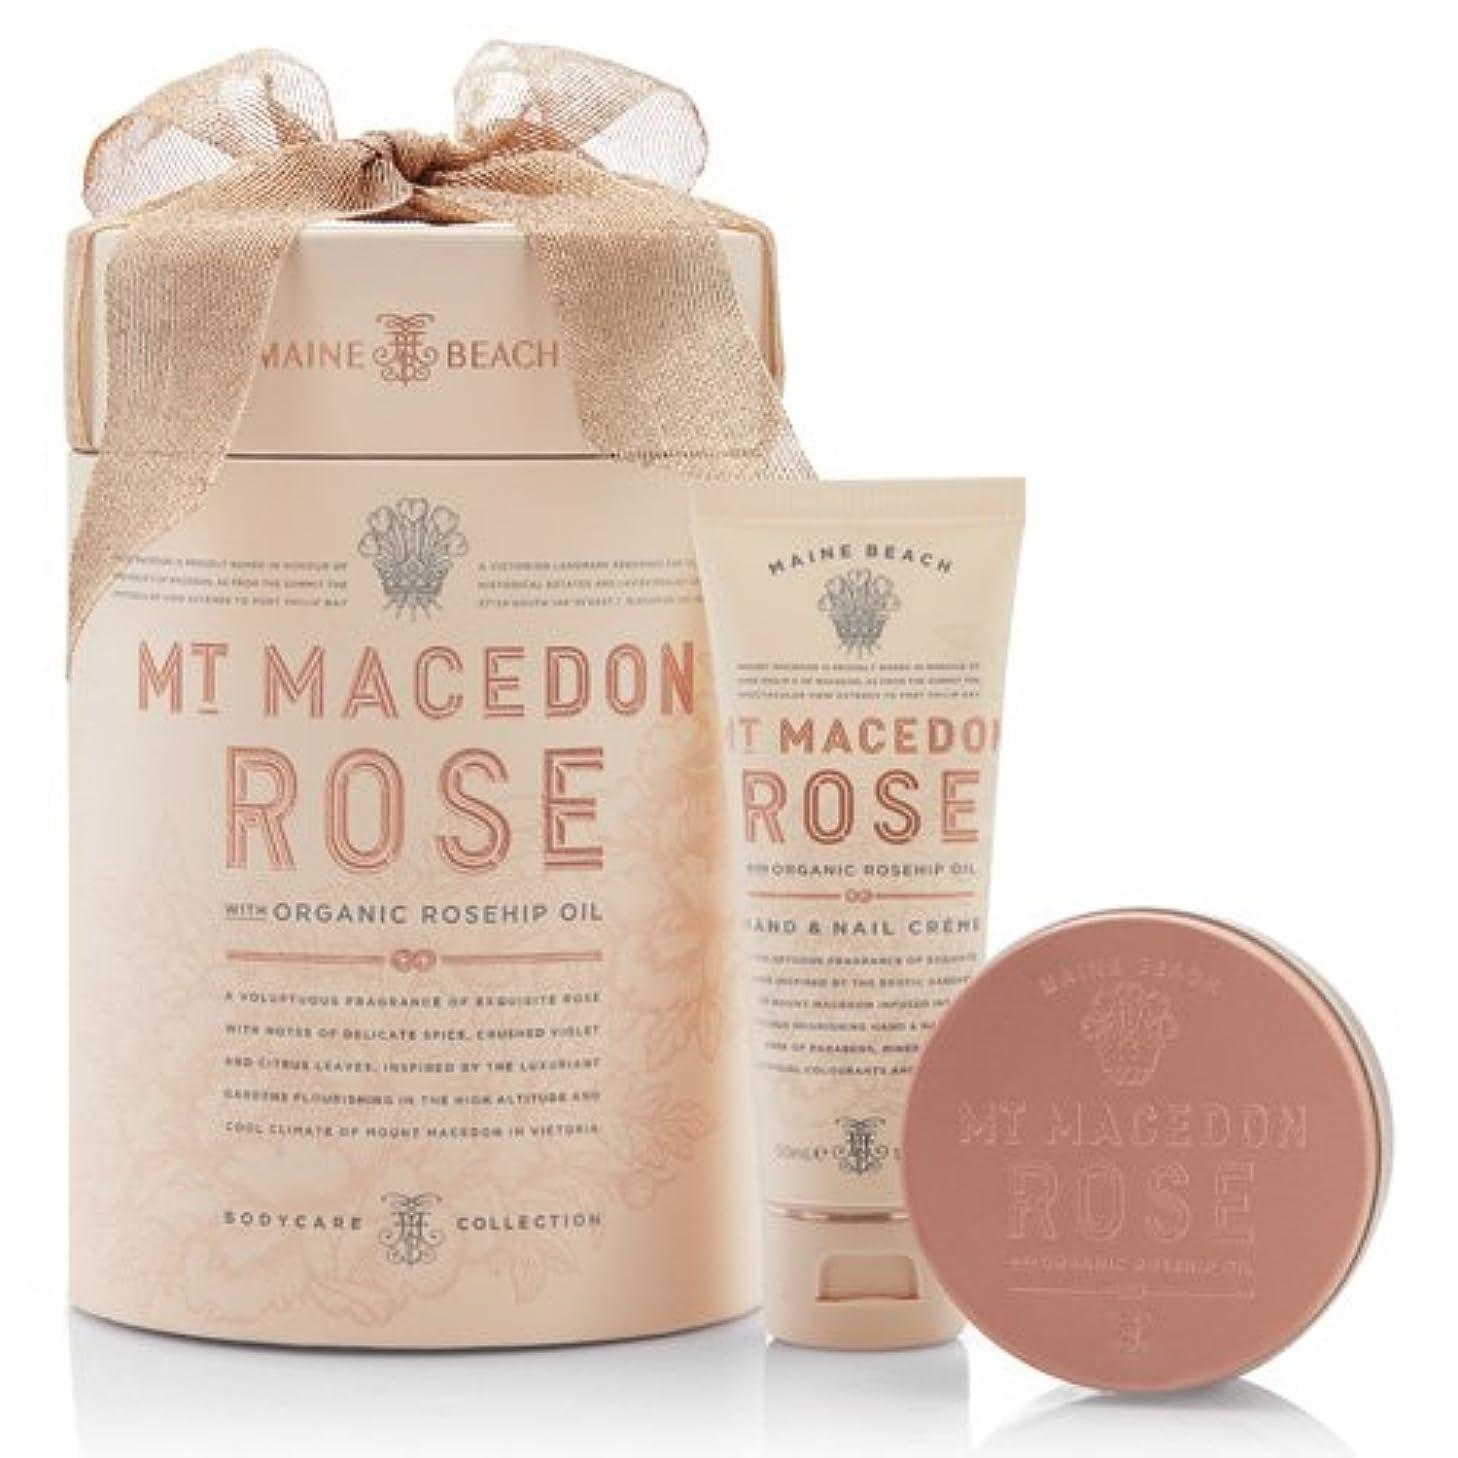 隠すしない差別化するMAINE BEACH マインビーチ MT MACEDON ROSE マウント マセドン ローズ Duo Gift Pack